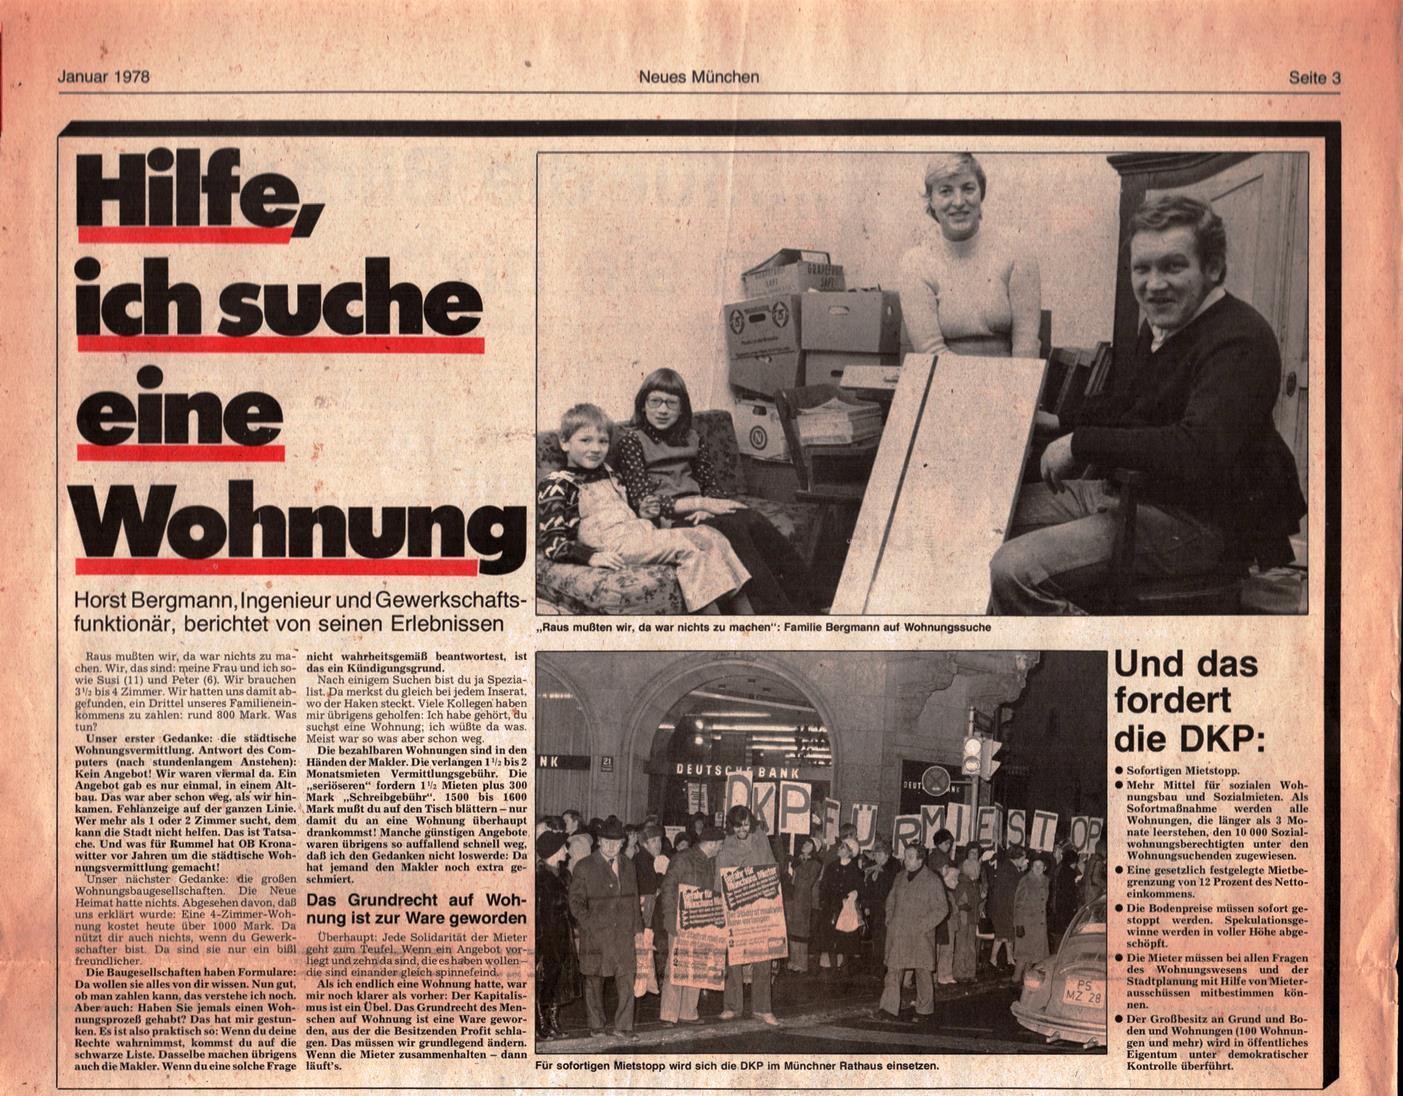 Muenchen_DKP_Neues_Muenchen_19780100_001_005